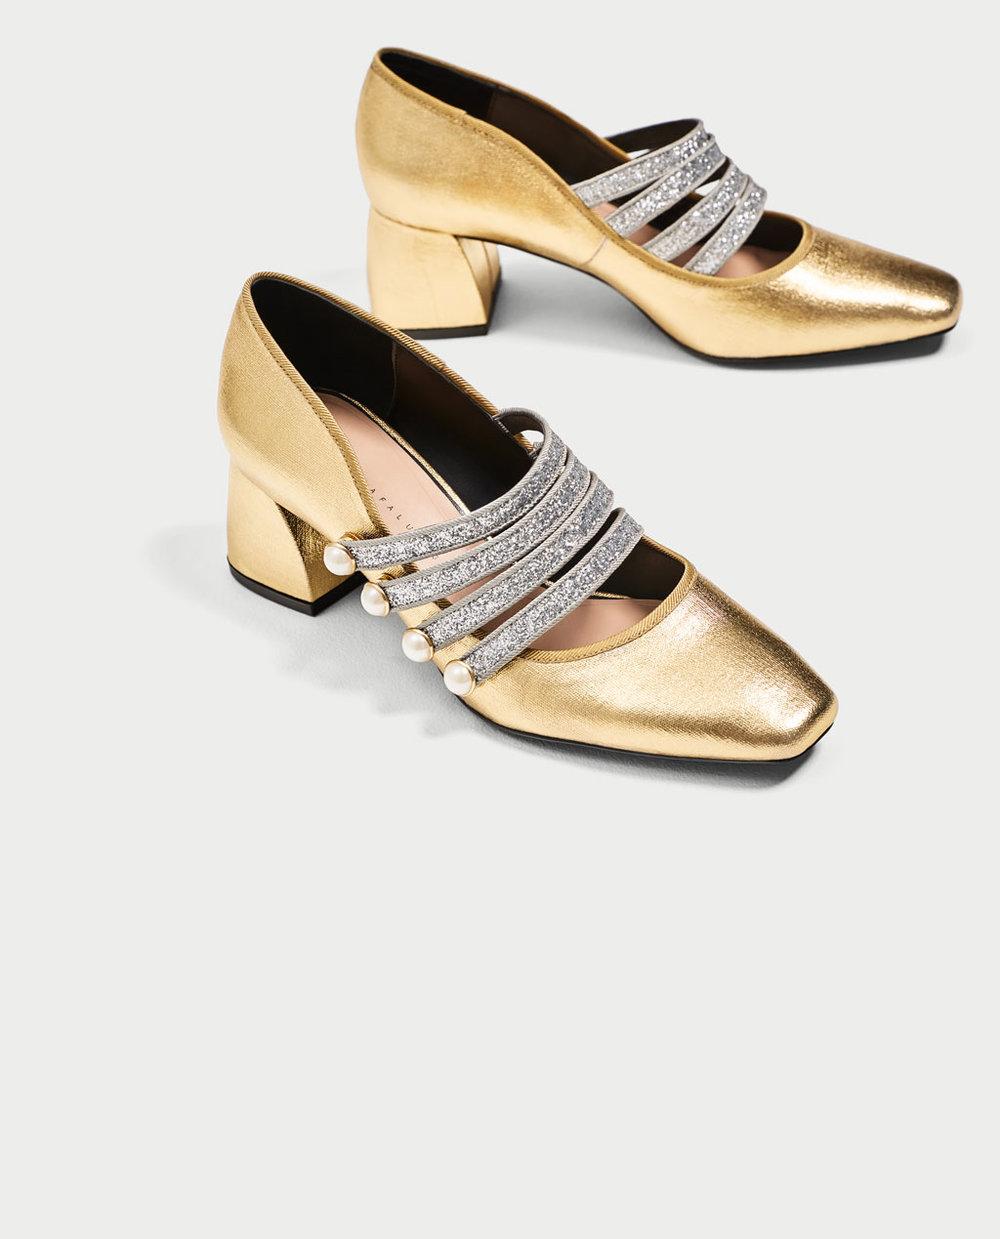 Sapatos dourados com tira, 39,95€